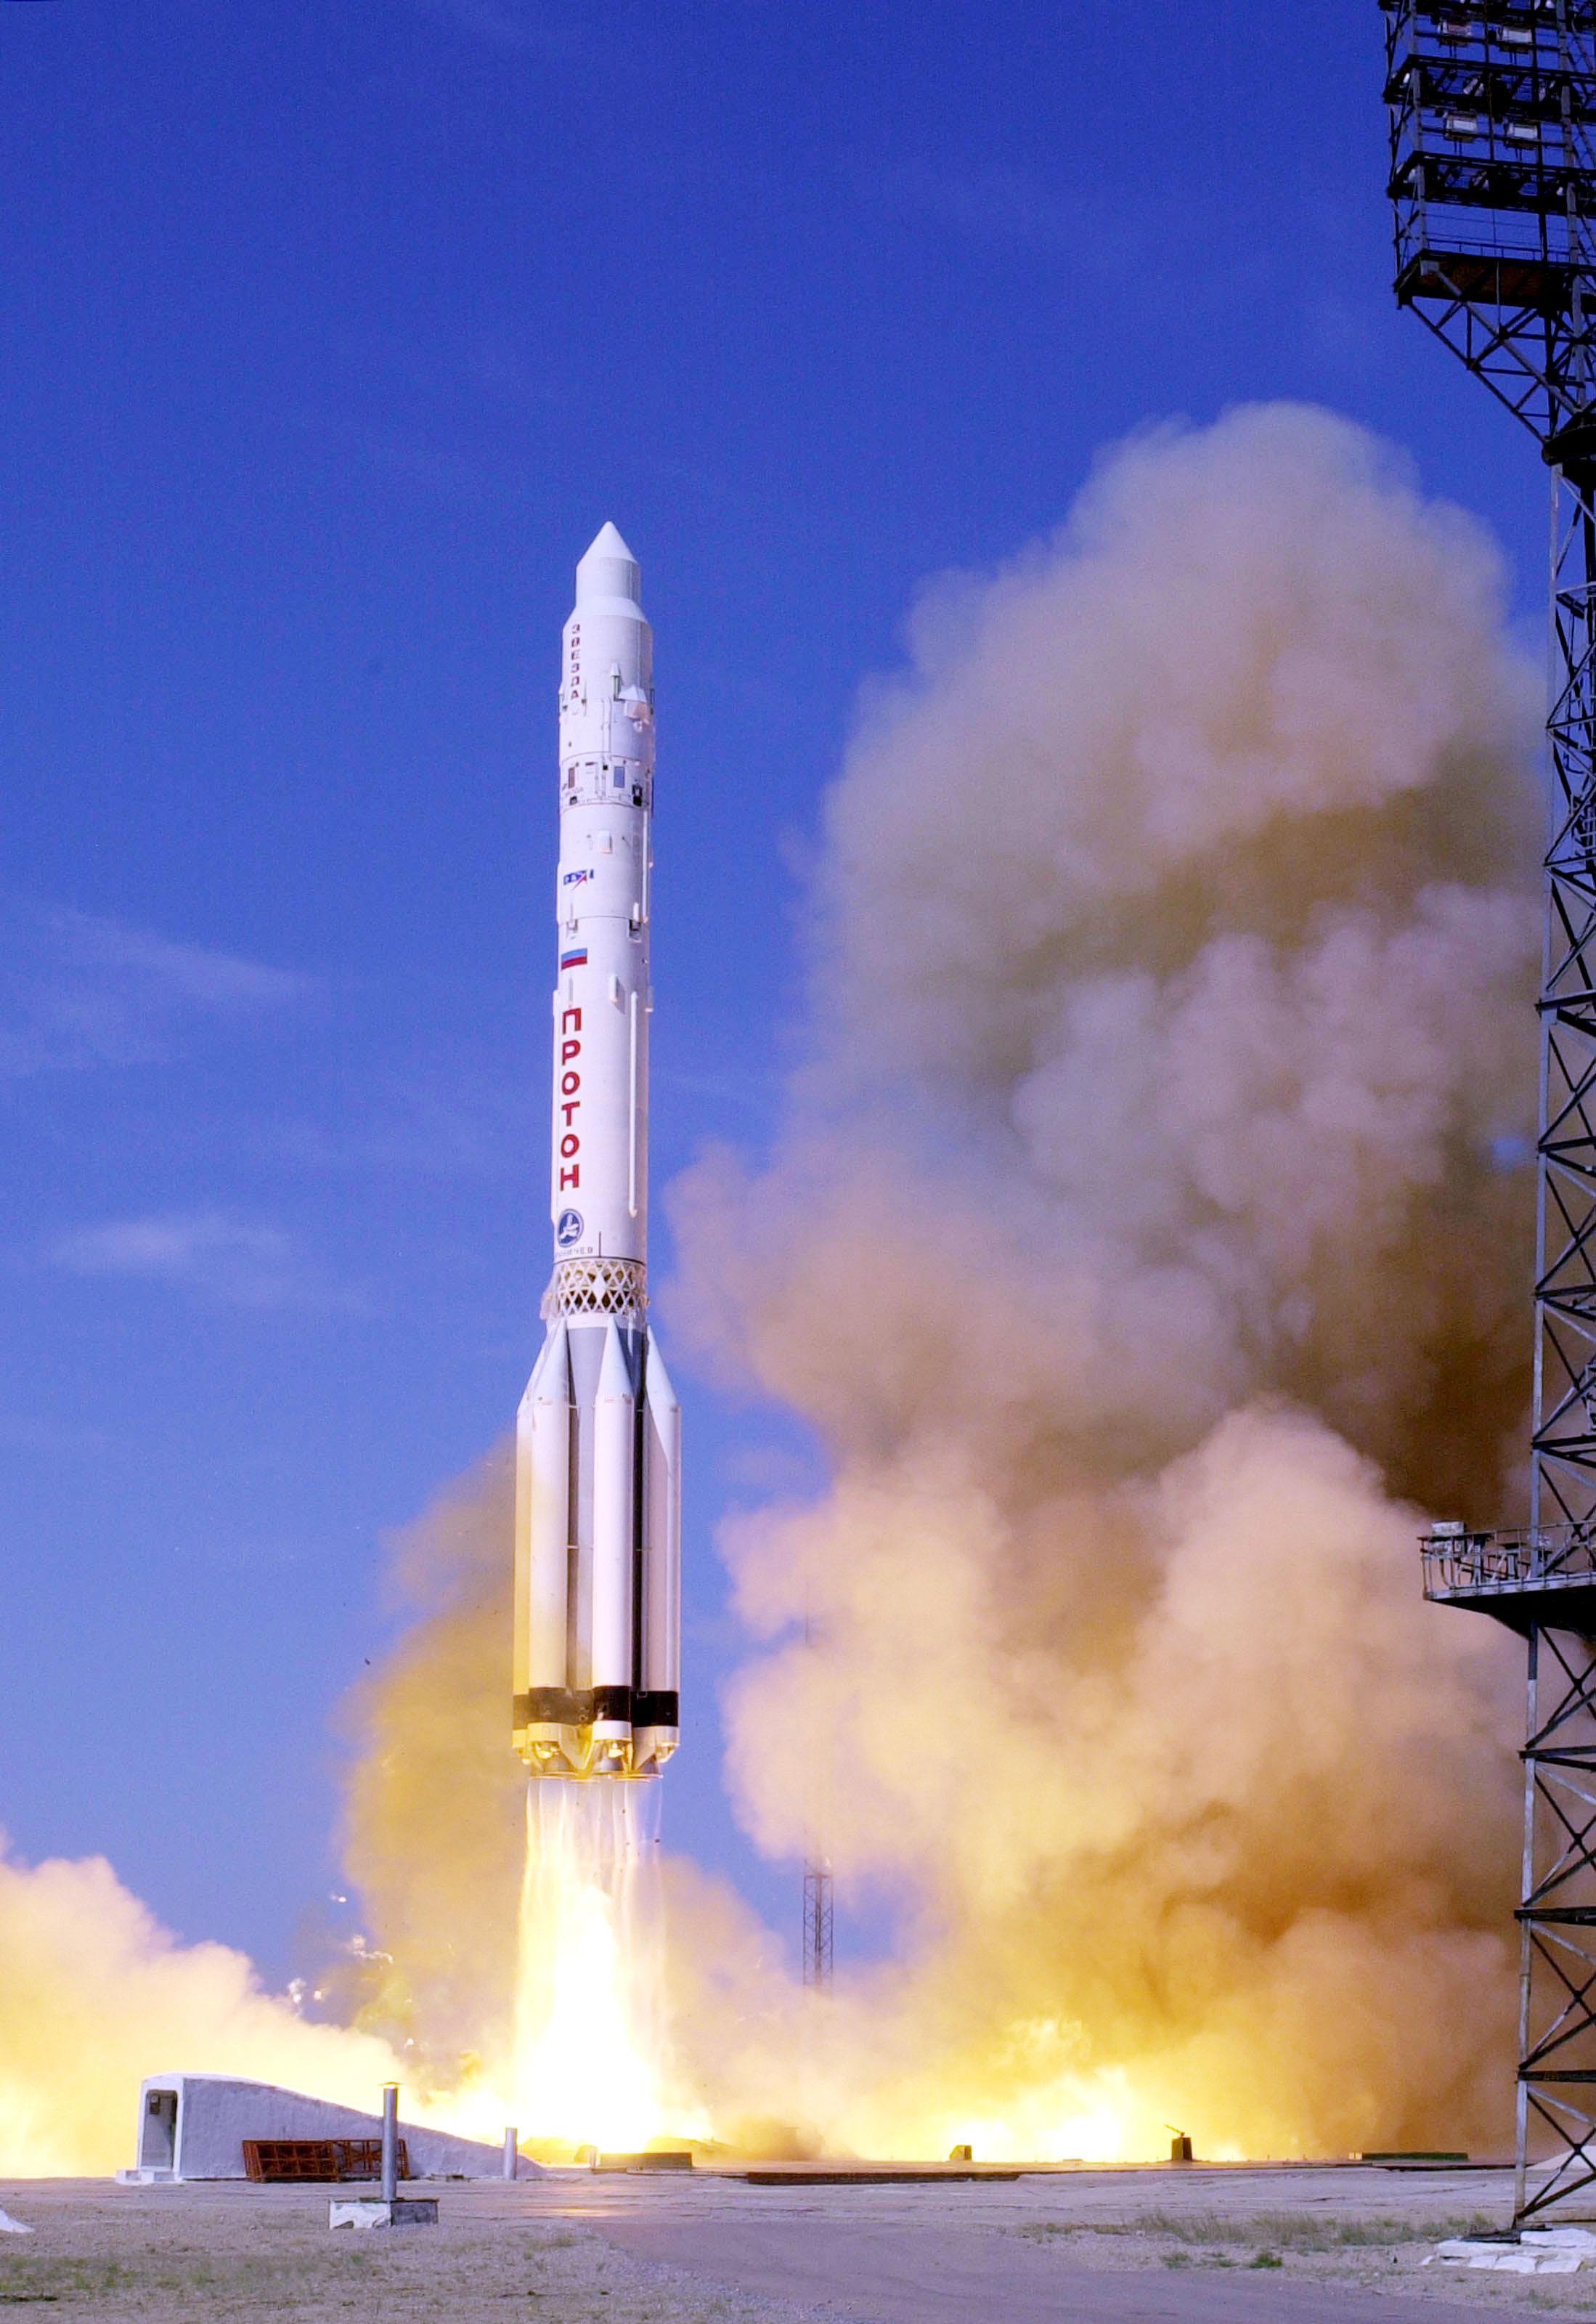 Запуск ракеты в космос ( Launching rocket into space